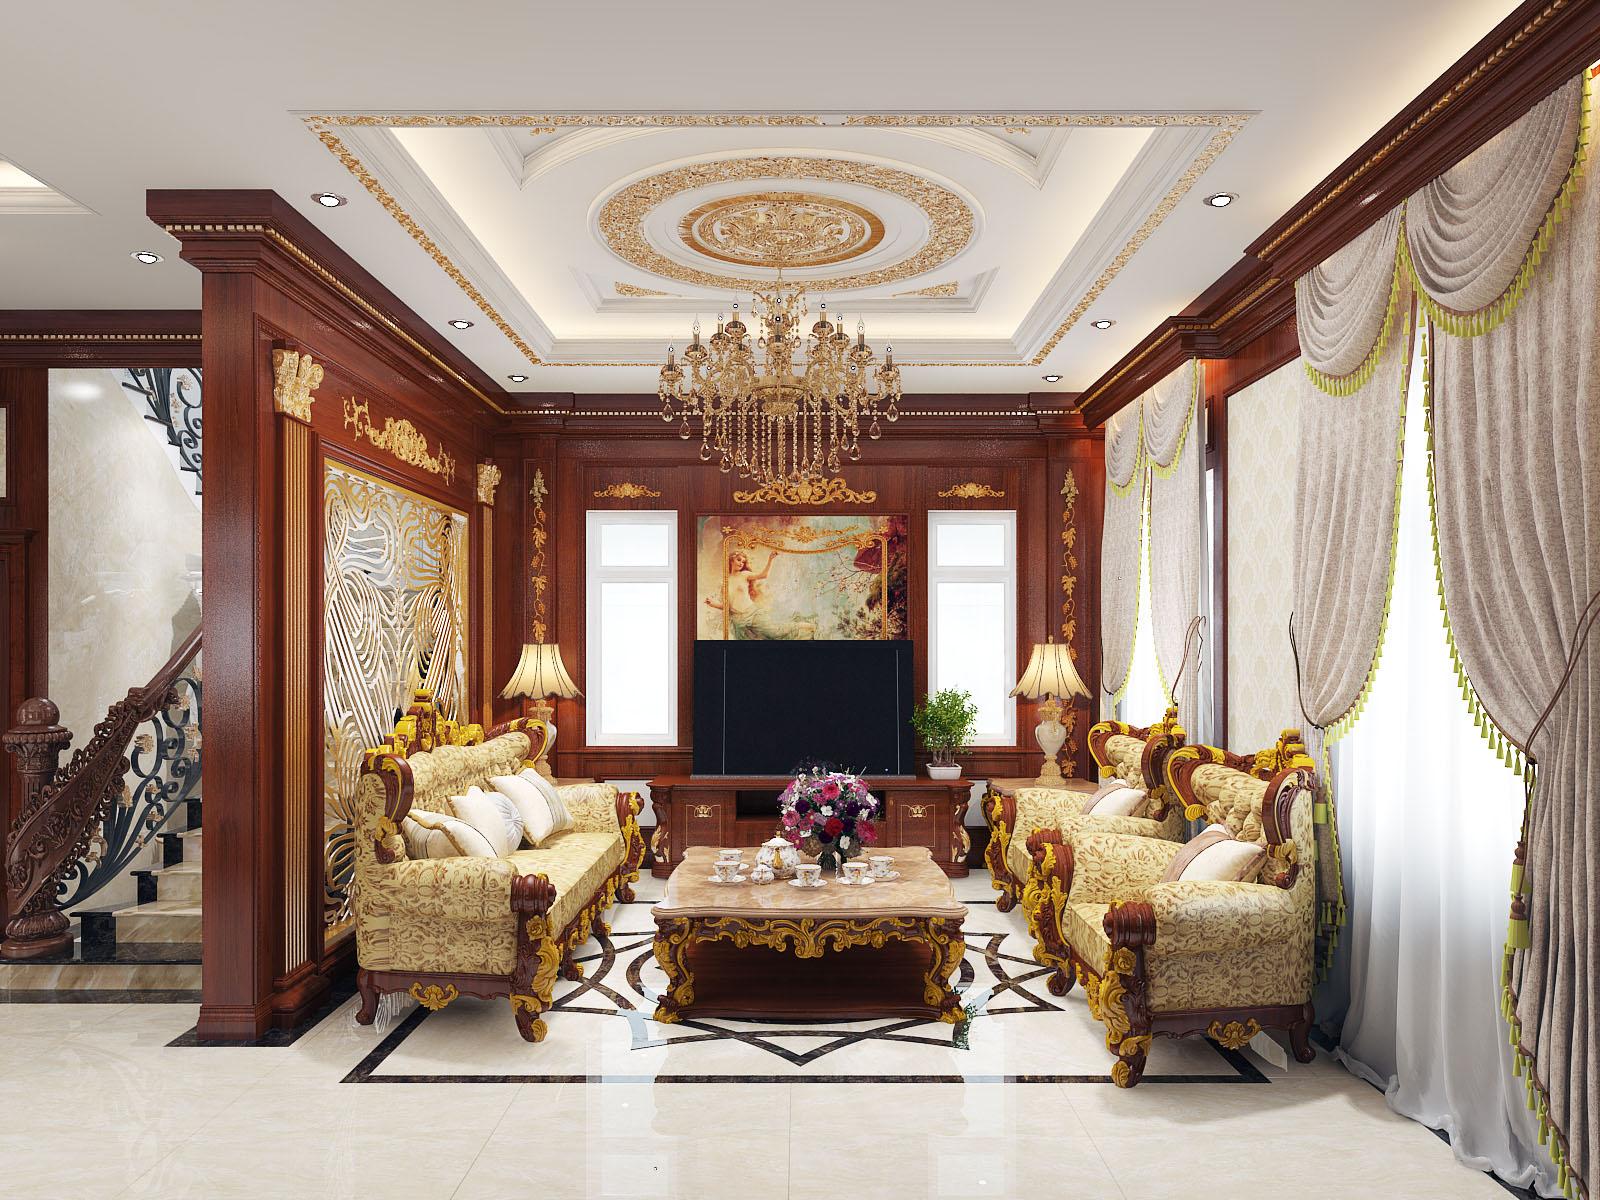 Mẫu thiết kế nội thất cổ điển cho biệt thự - anh Thảo, Thủ Đức